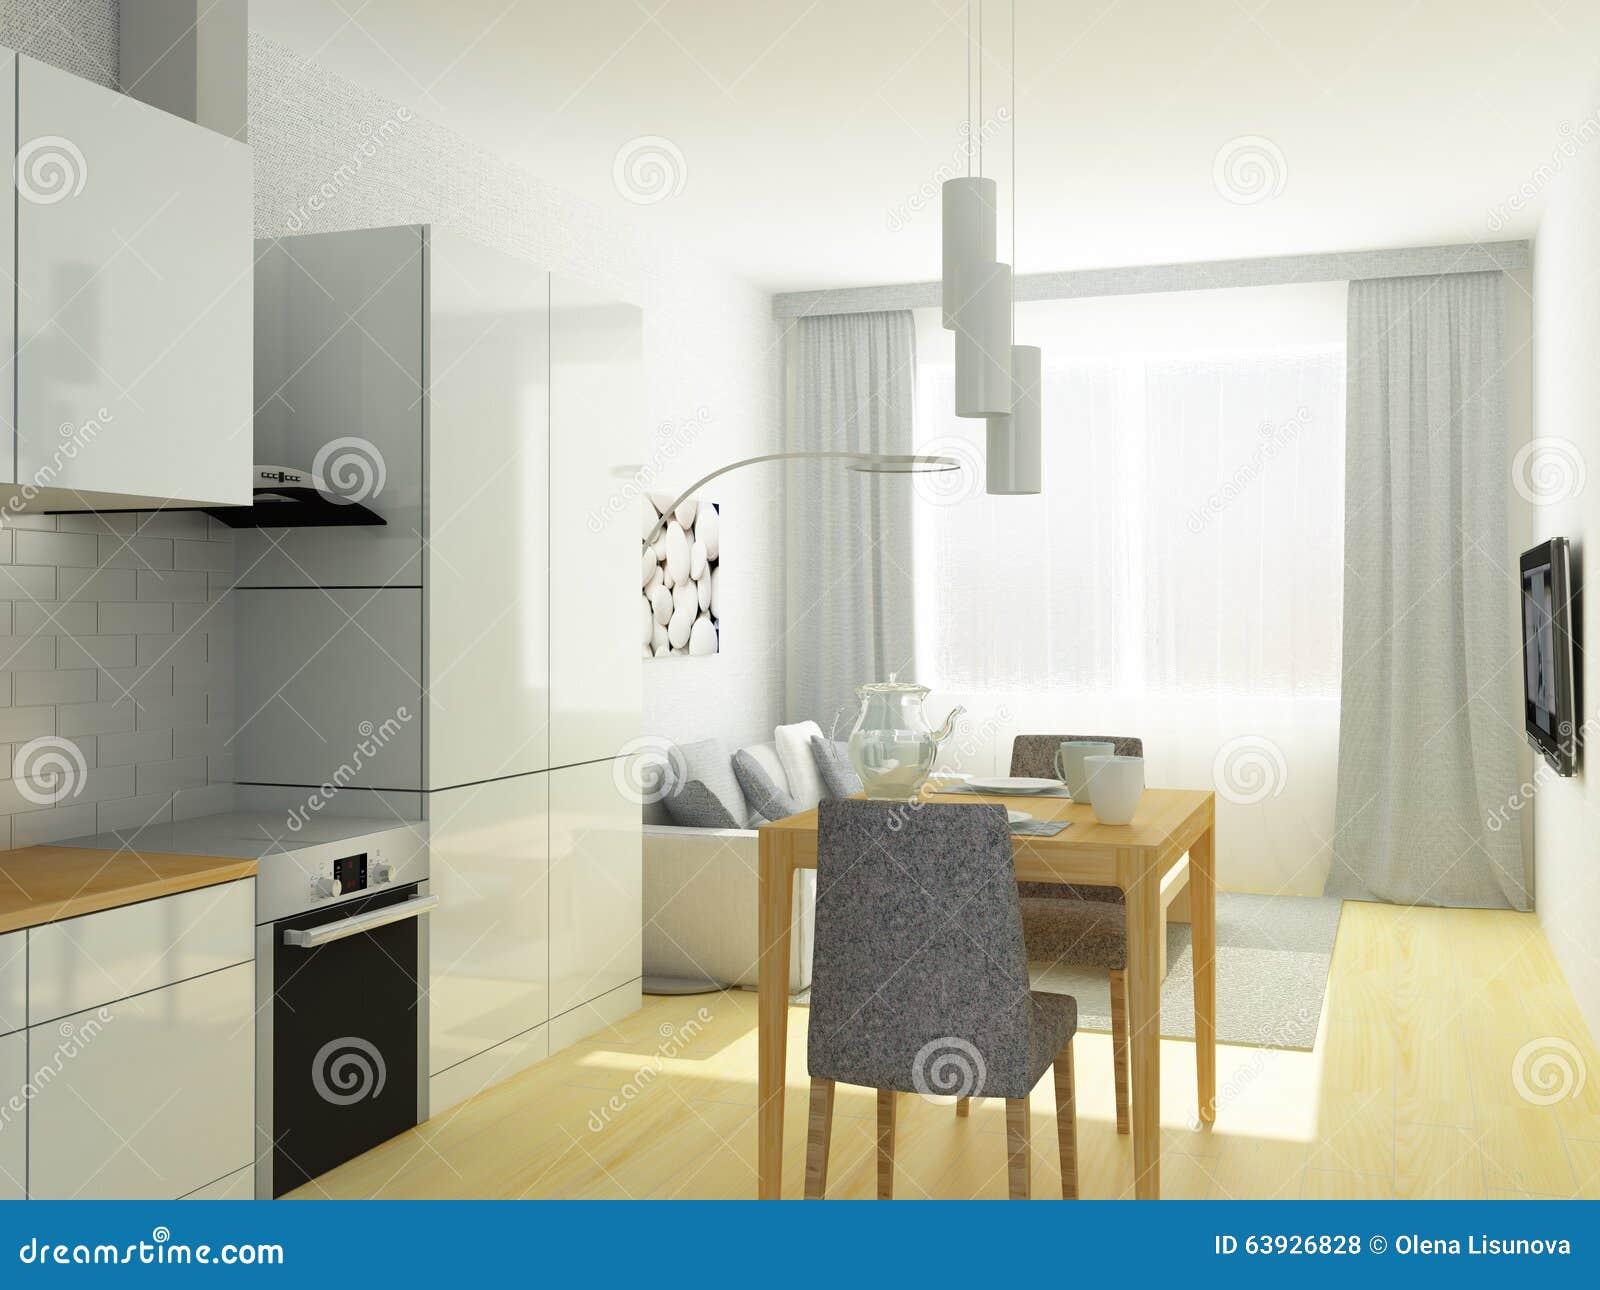 Kleine vlakte studioruimte keuken en woonkamer in lichtgrijze kleuren stock illustratie - Kleine keukenstudio ...